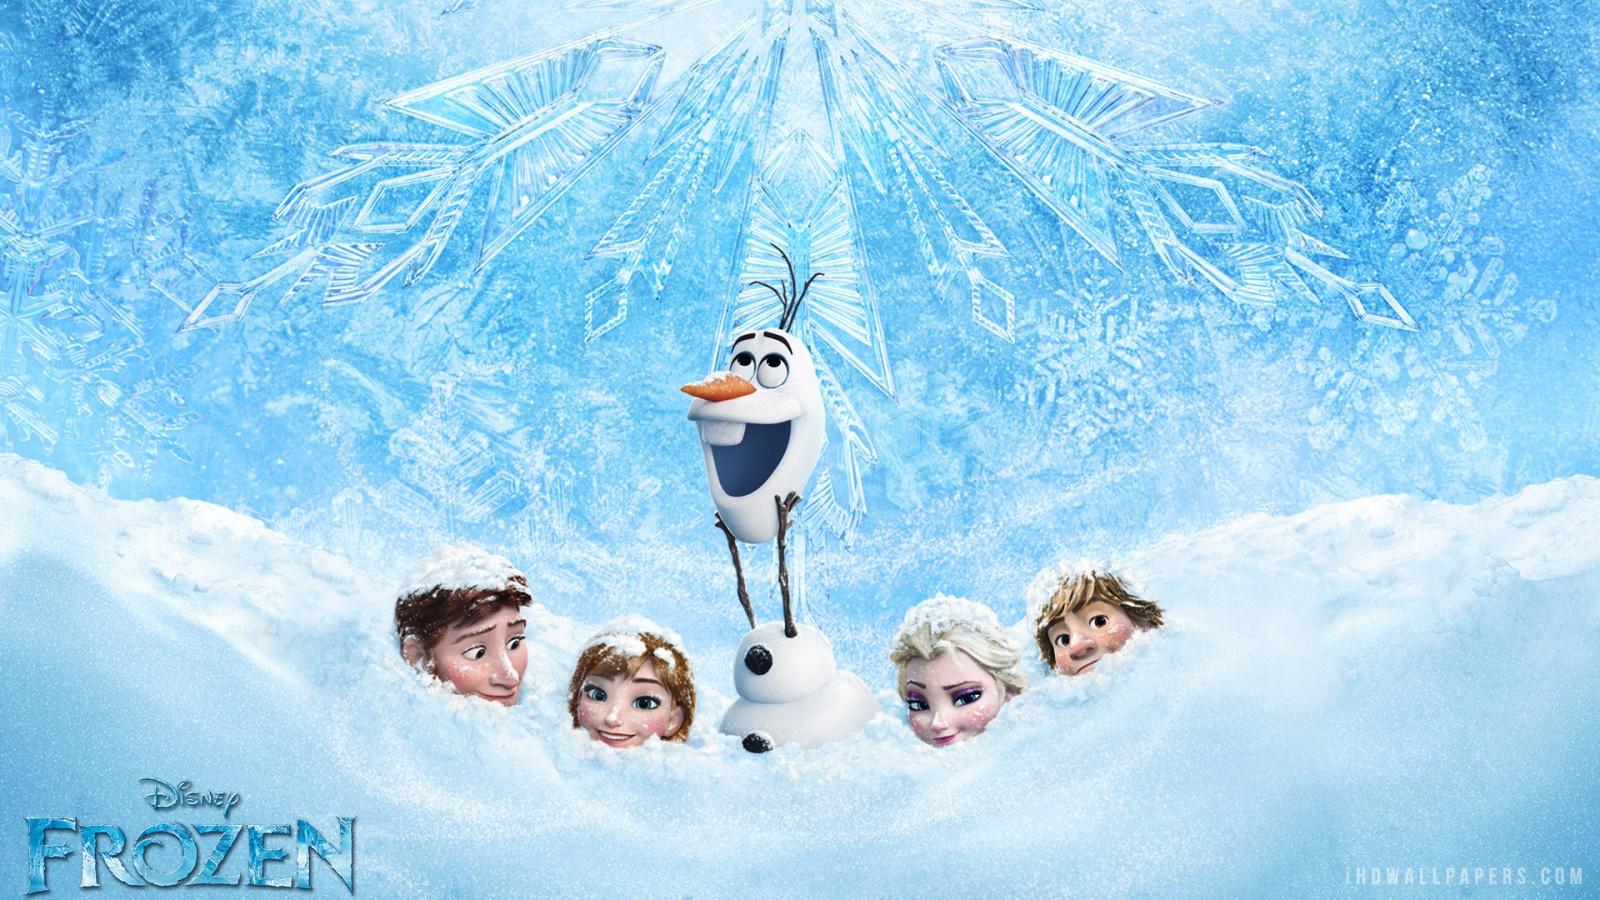 Disney Frozen HD Wallpaper   iHD Wallpapers 1600x900